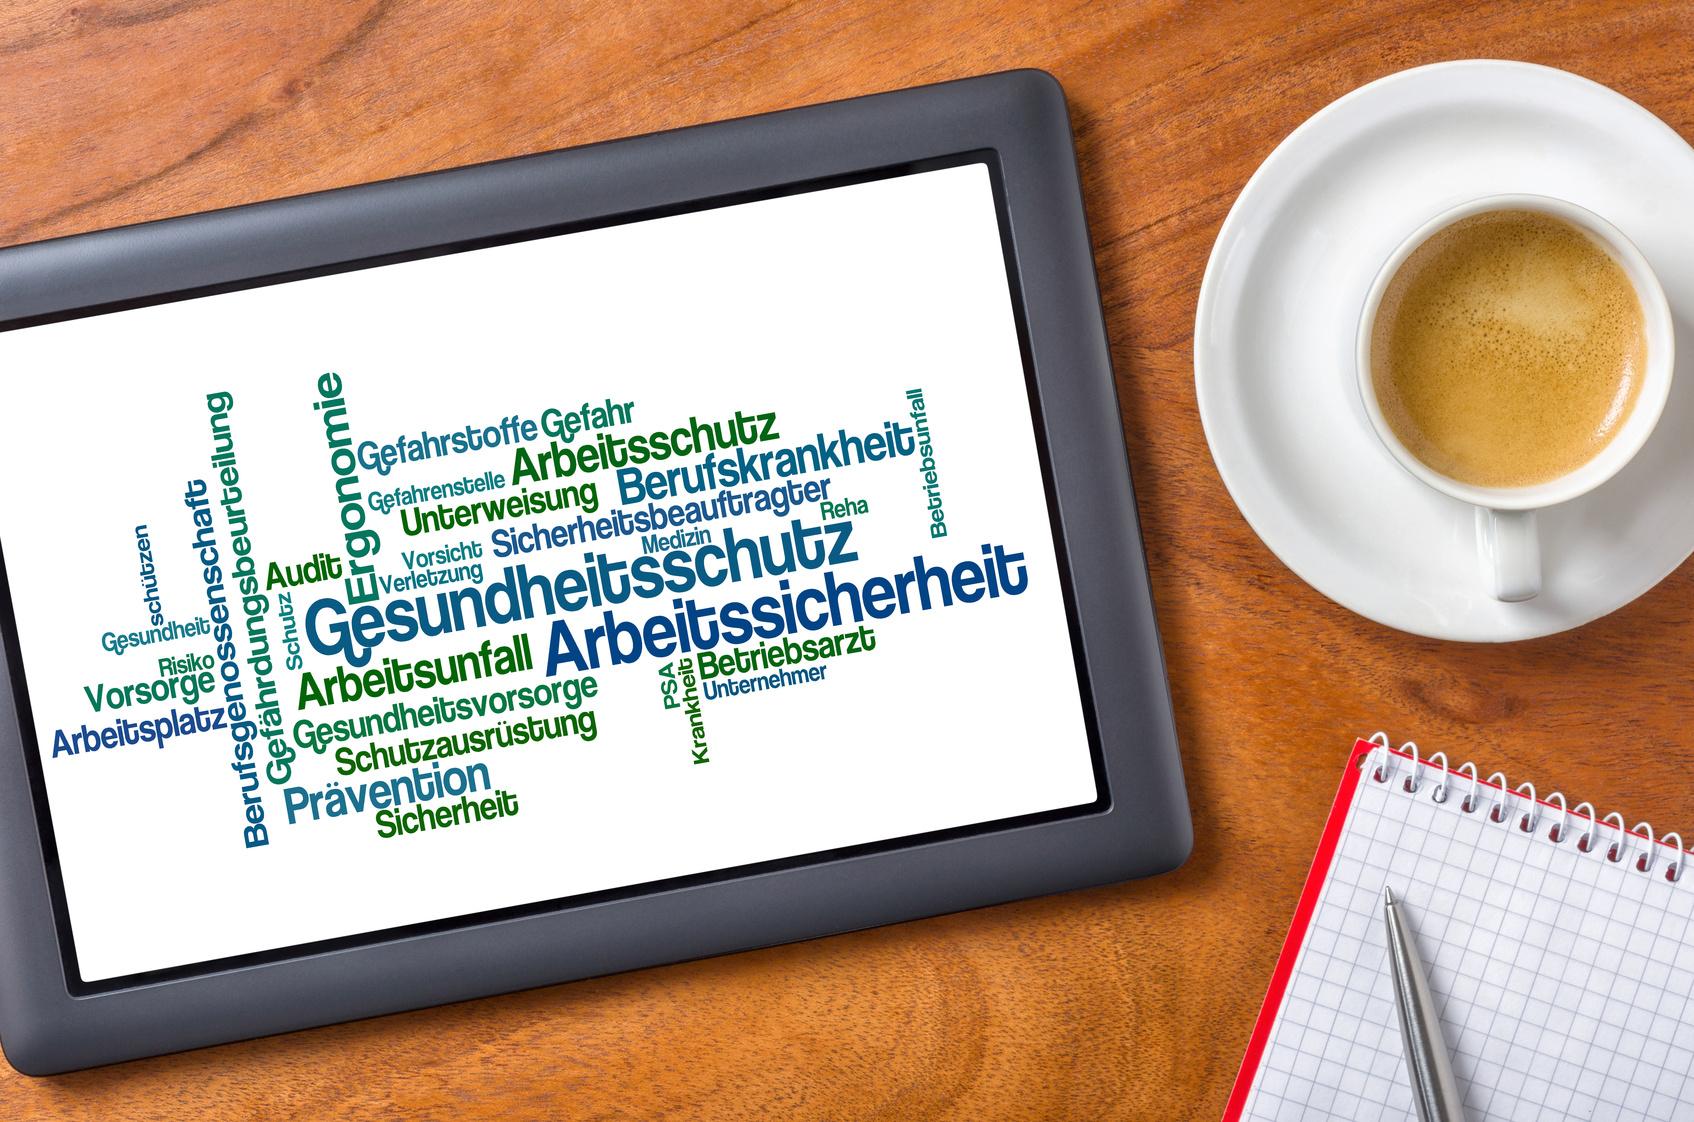 So gelingt die digitale Unterweisung zu psychischen Belastungen